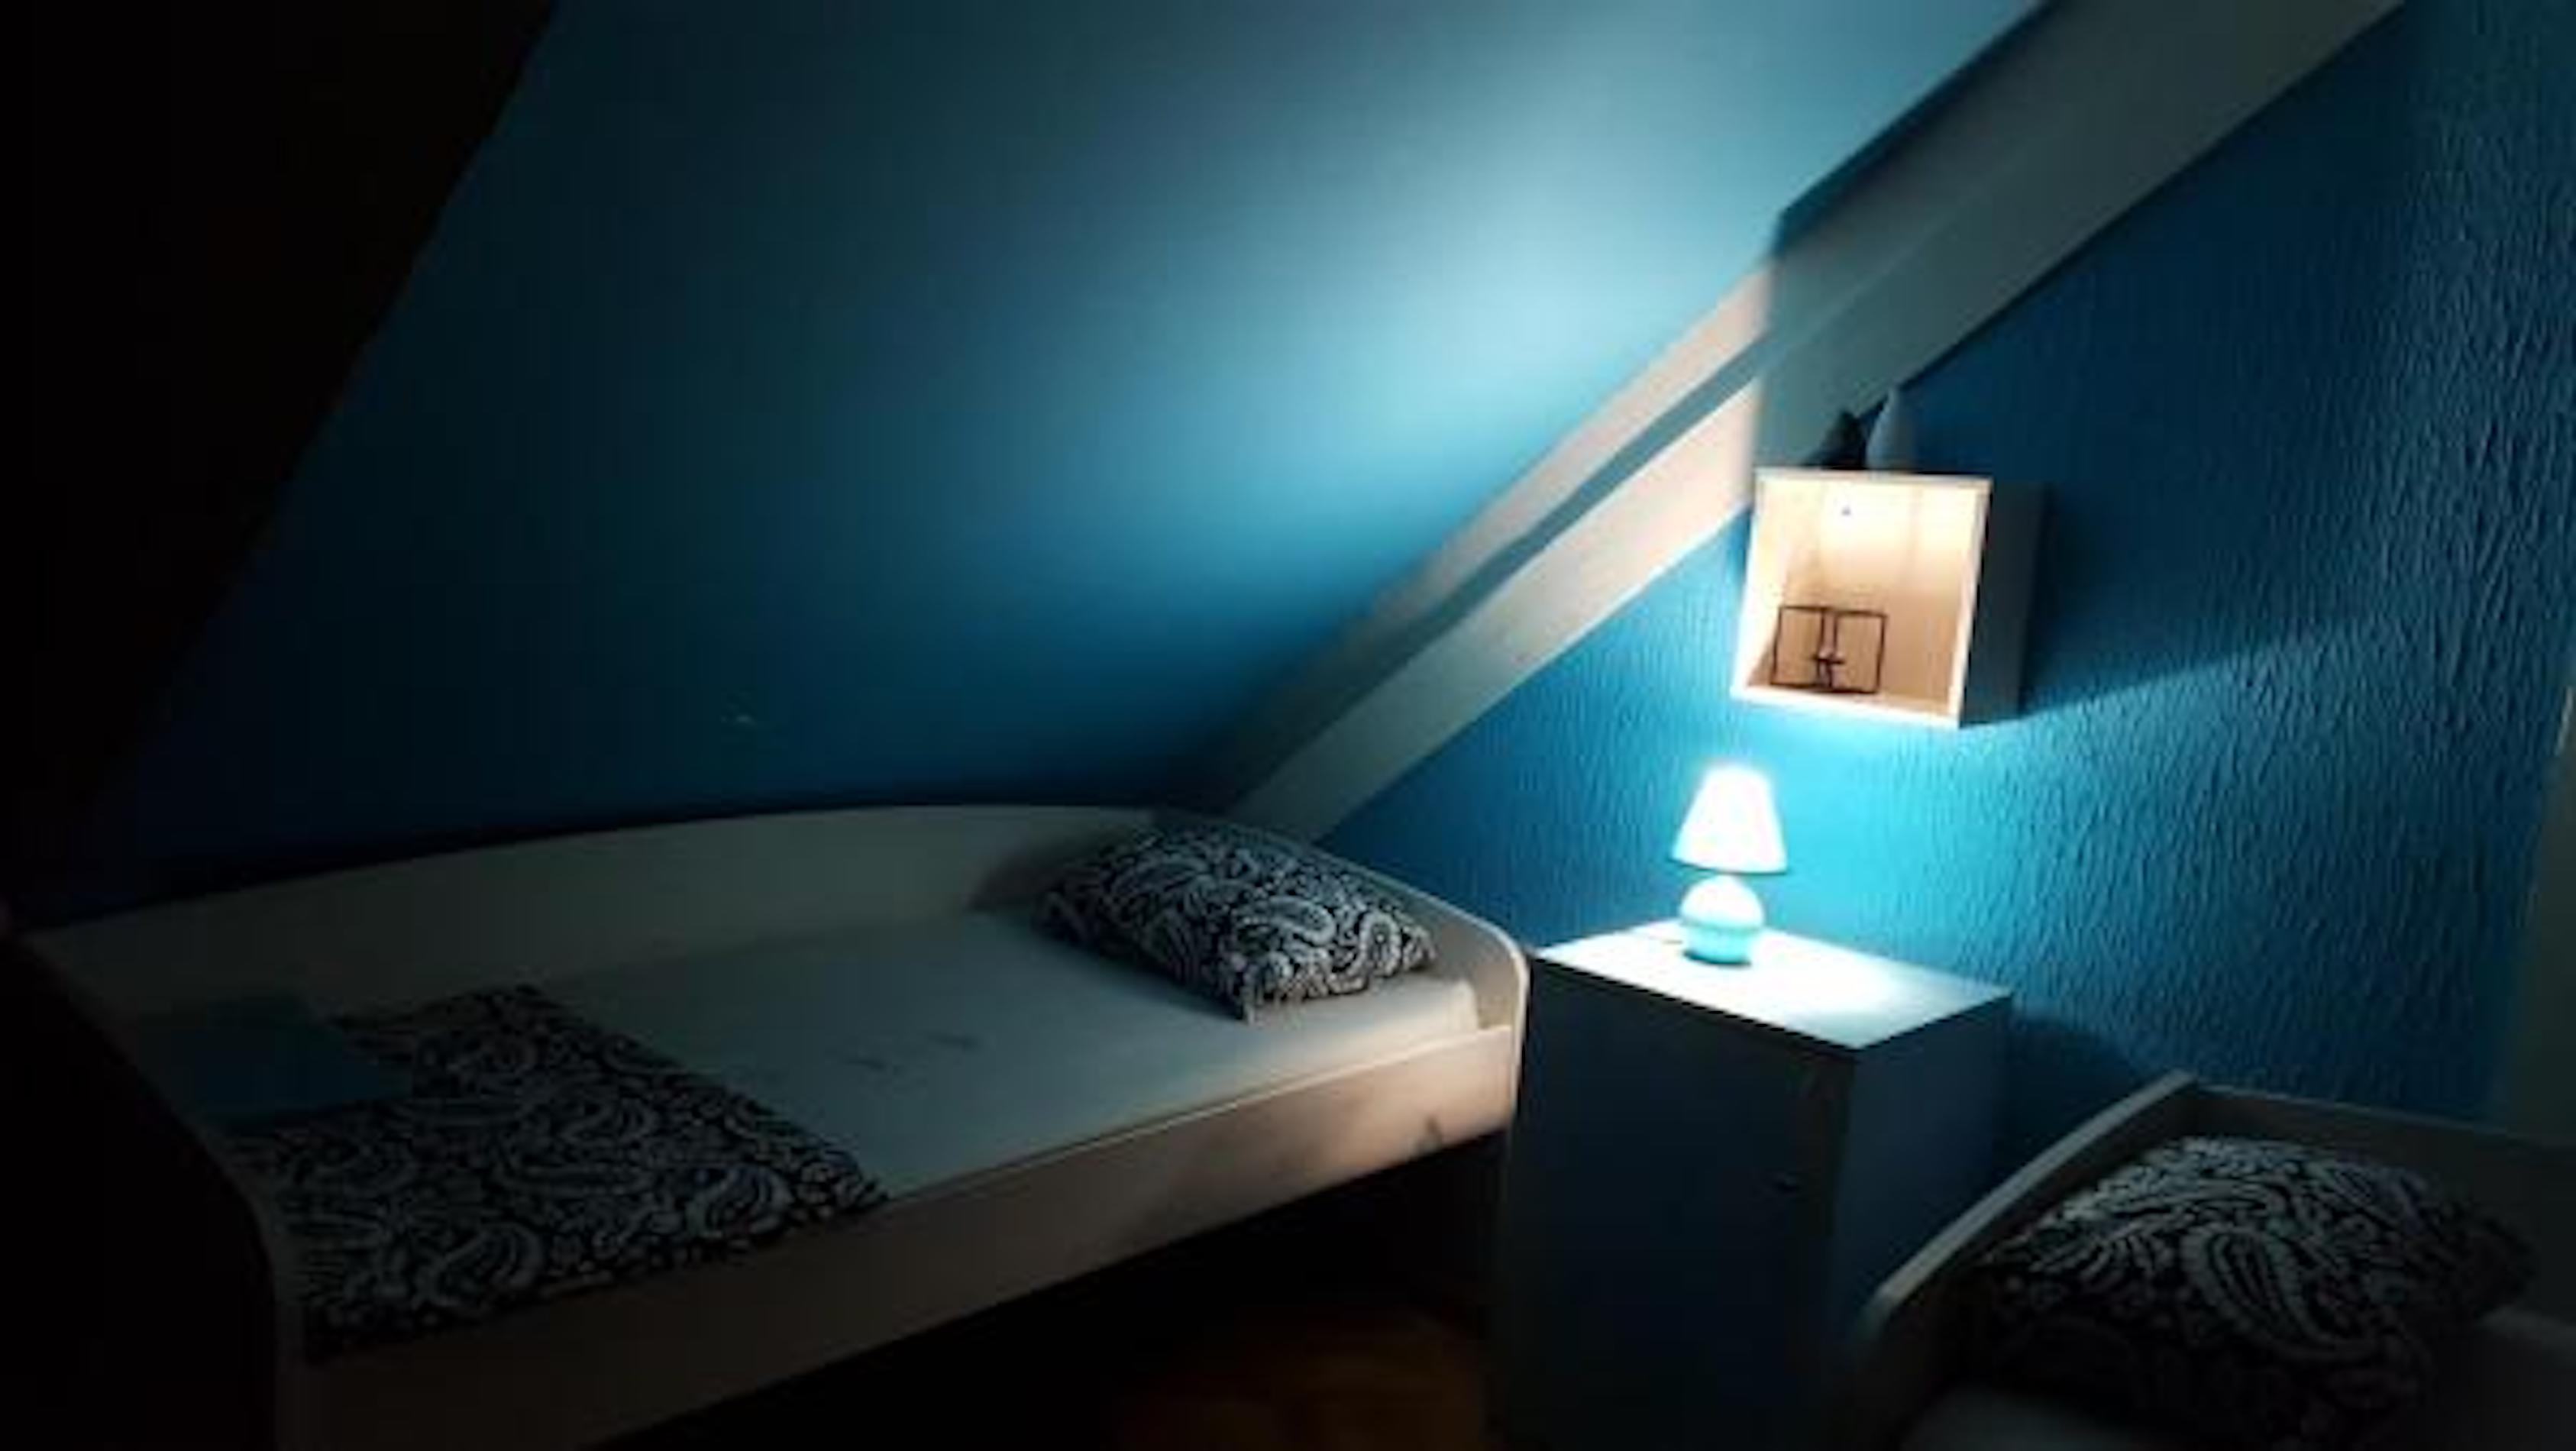 HOSTEL - Hostel Goodnight Grooves